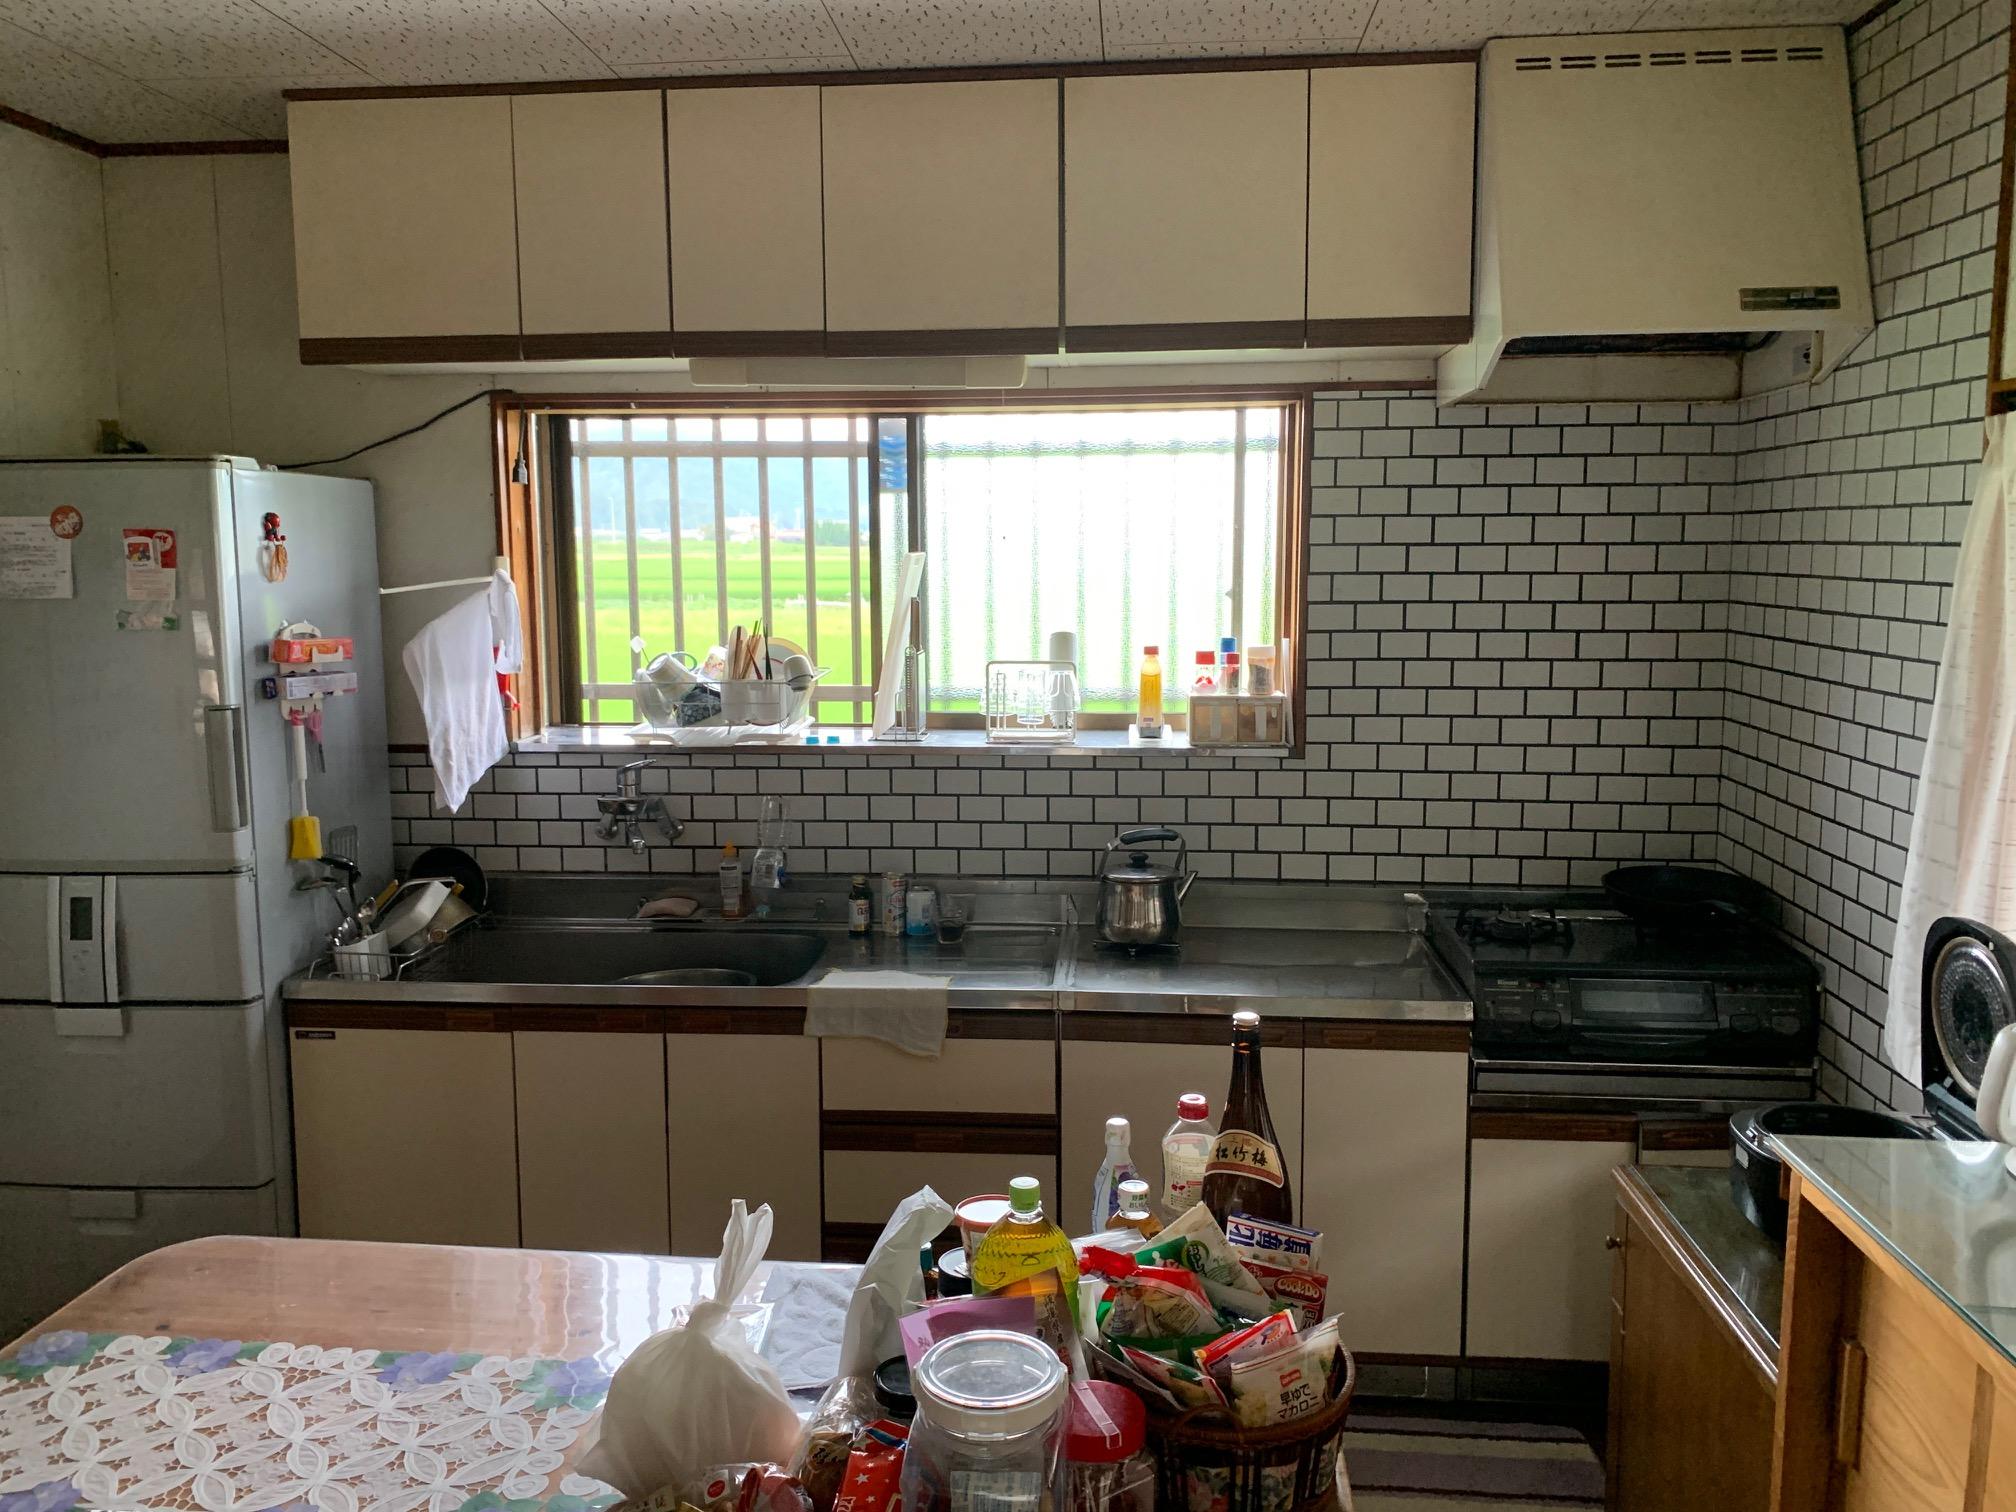 壁面キッチンから対面キッチンへ改修